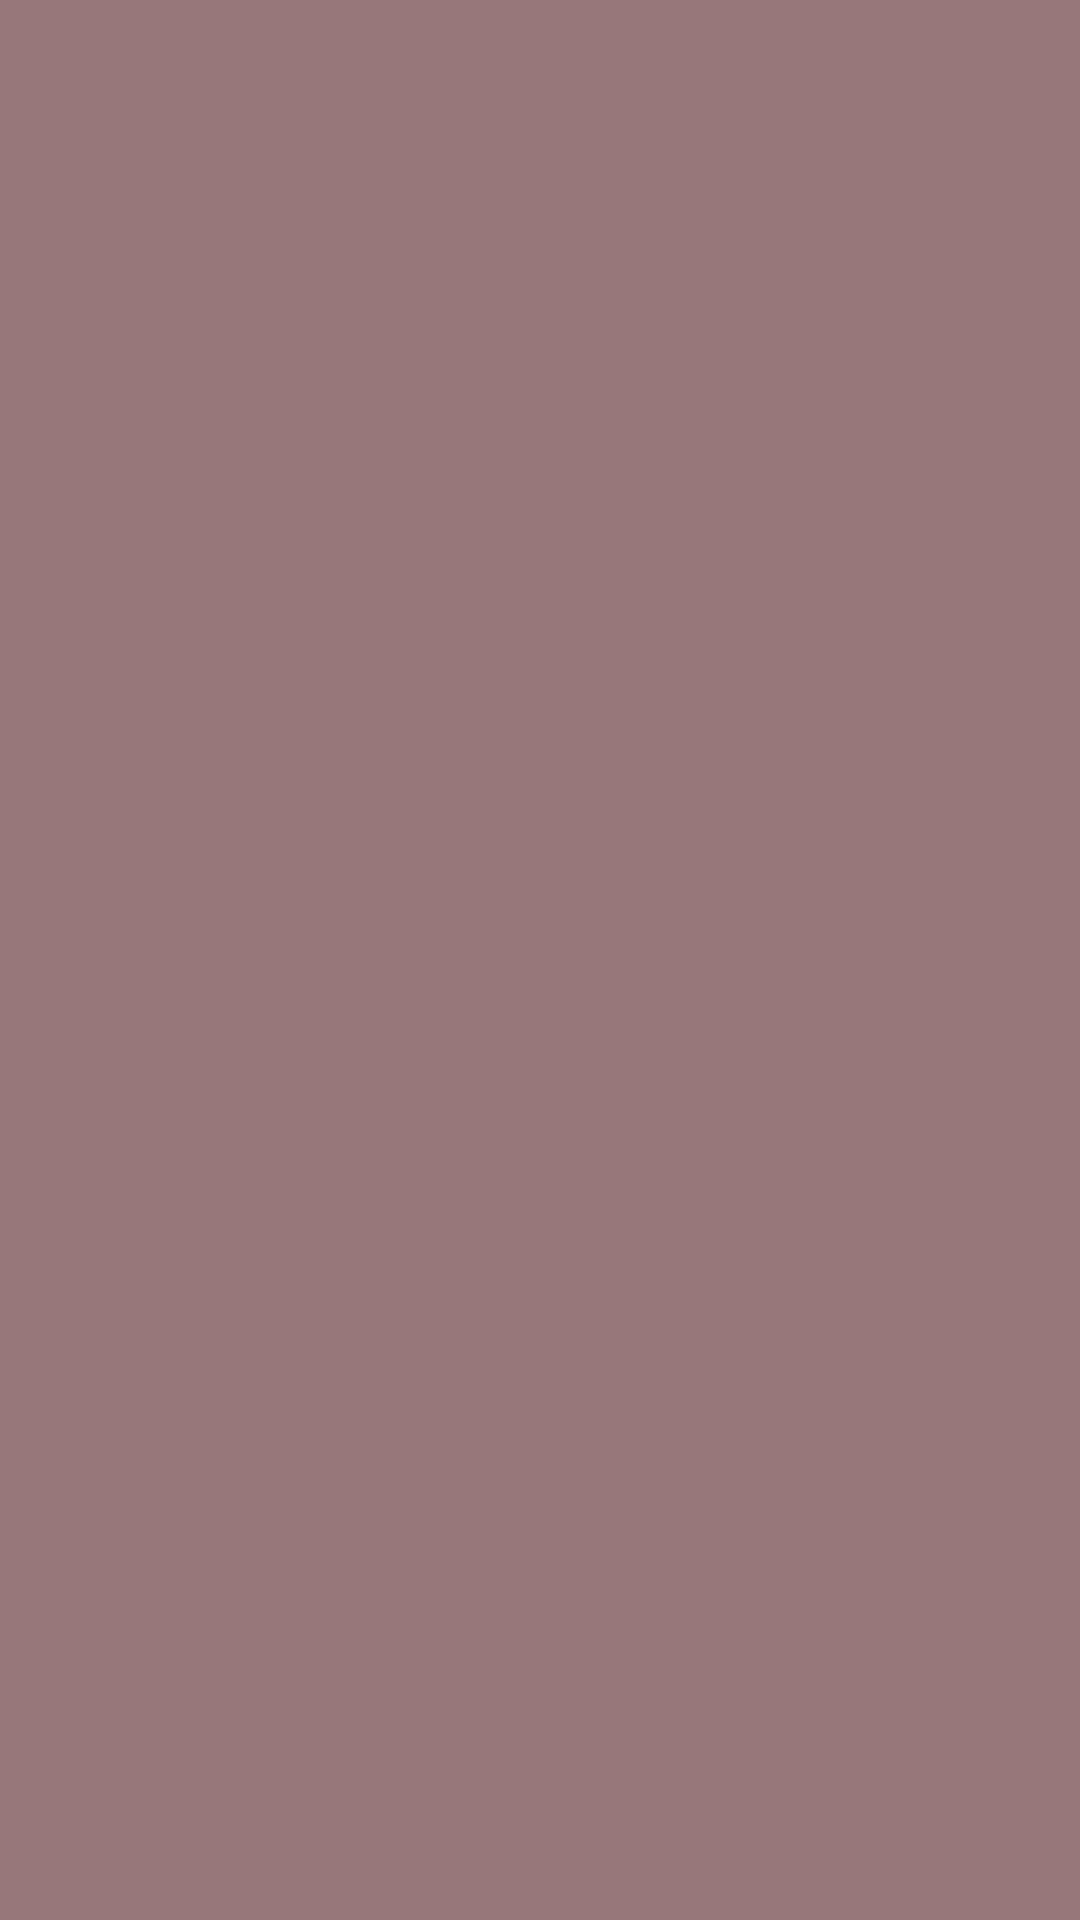 1080x1920 Bazaar Solid Color Background